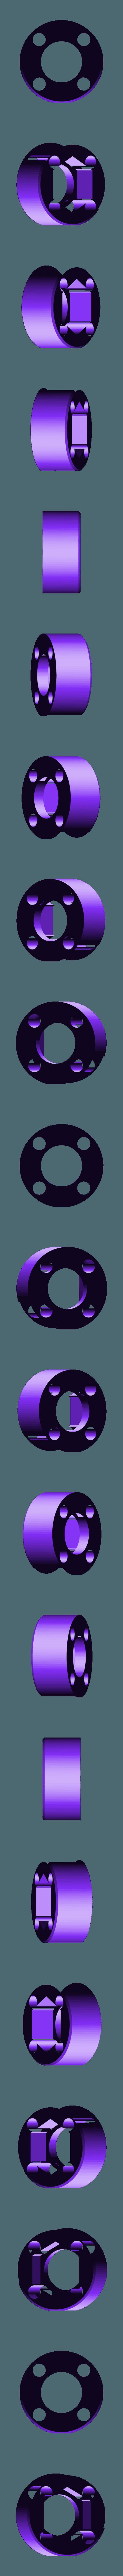 m8_nut_converter_part.stl Download free STL file FDM Printer de Kleine Reus 300x300x900 • 3D printable object, Job